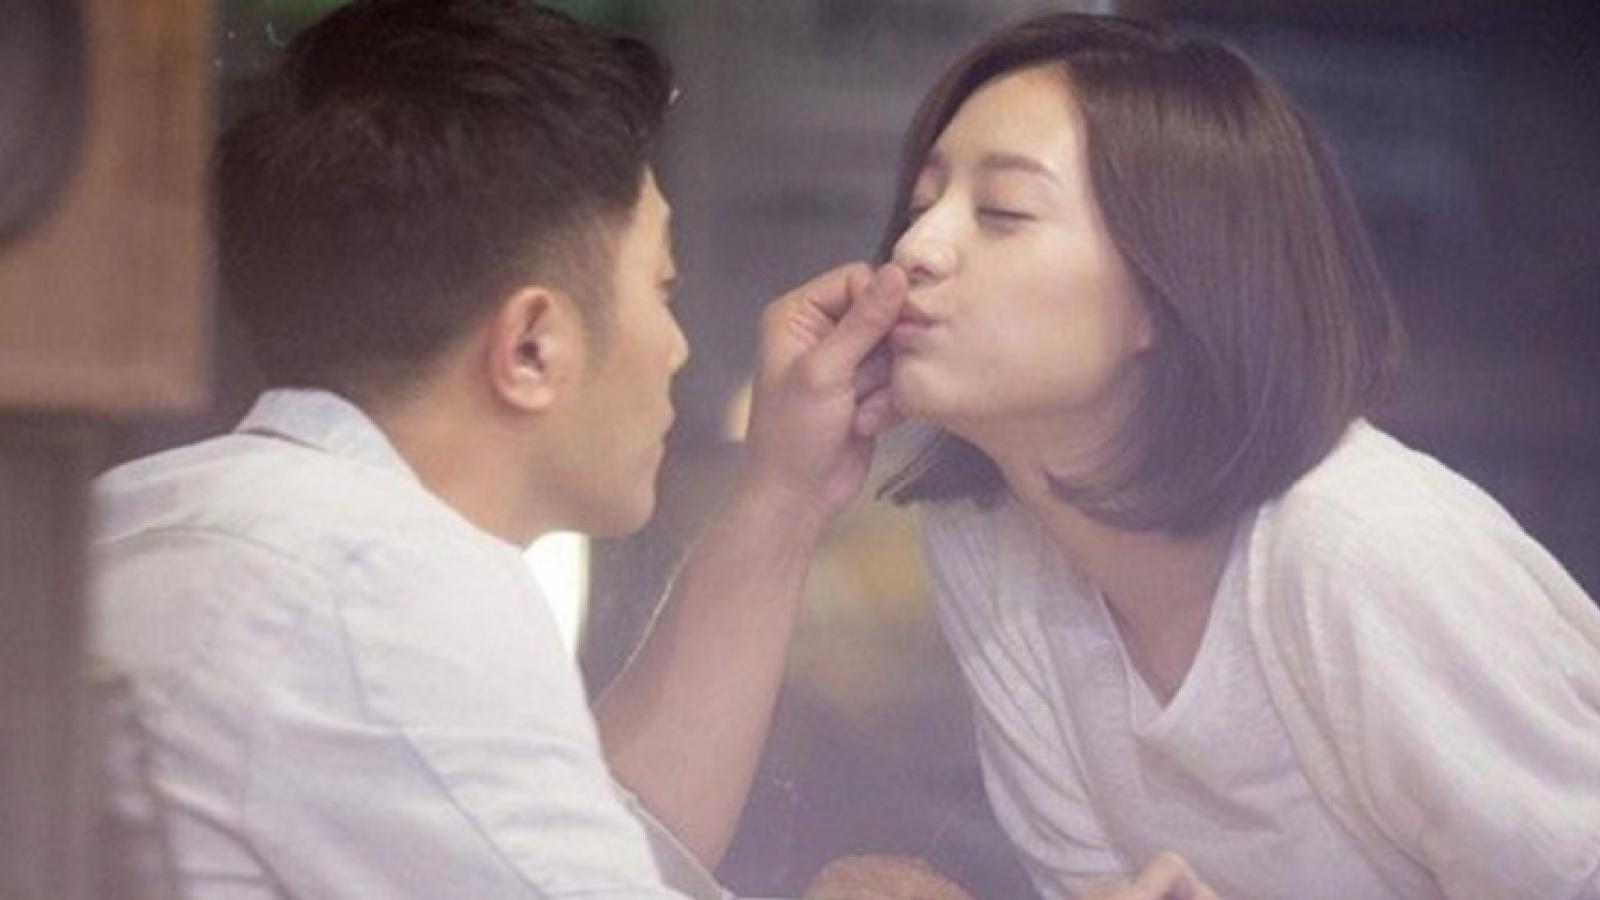 Giữ lửa hôn nhân, vợ chồng nào cũng nên biết